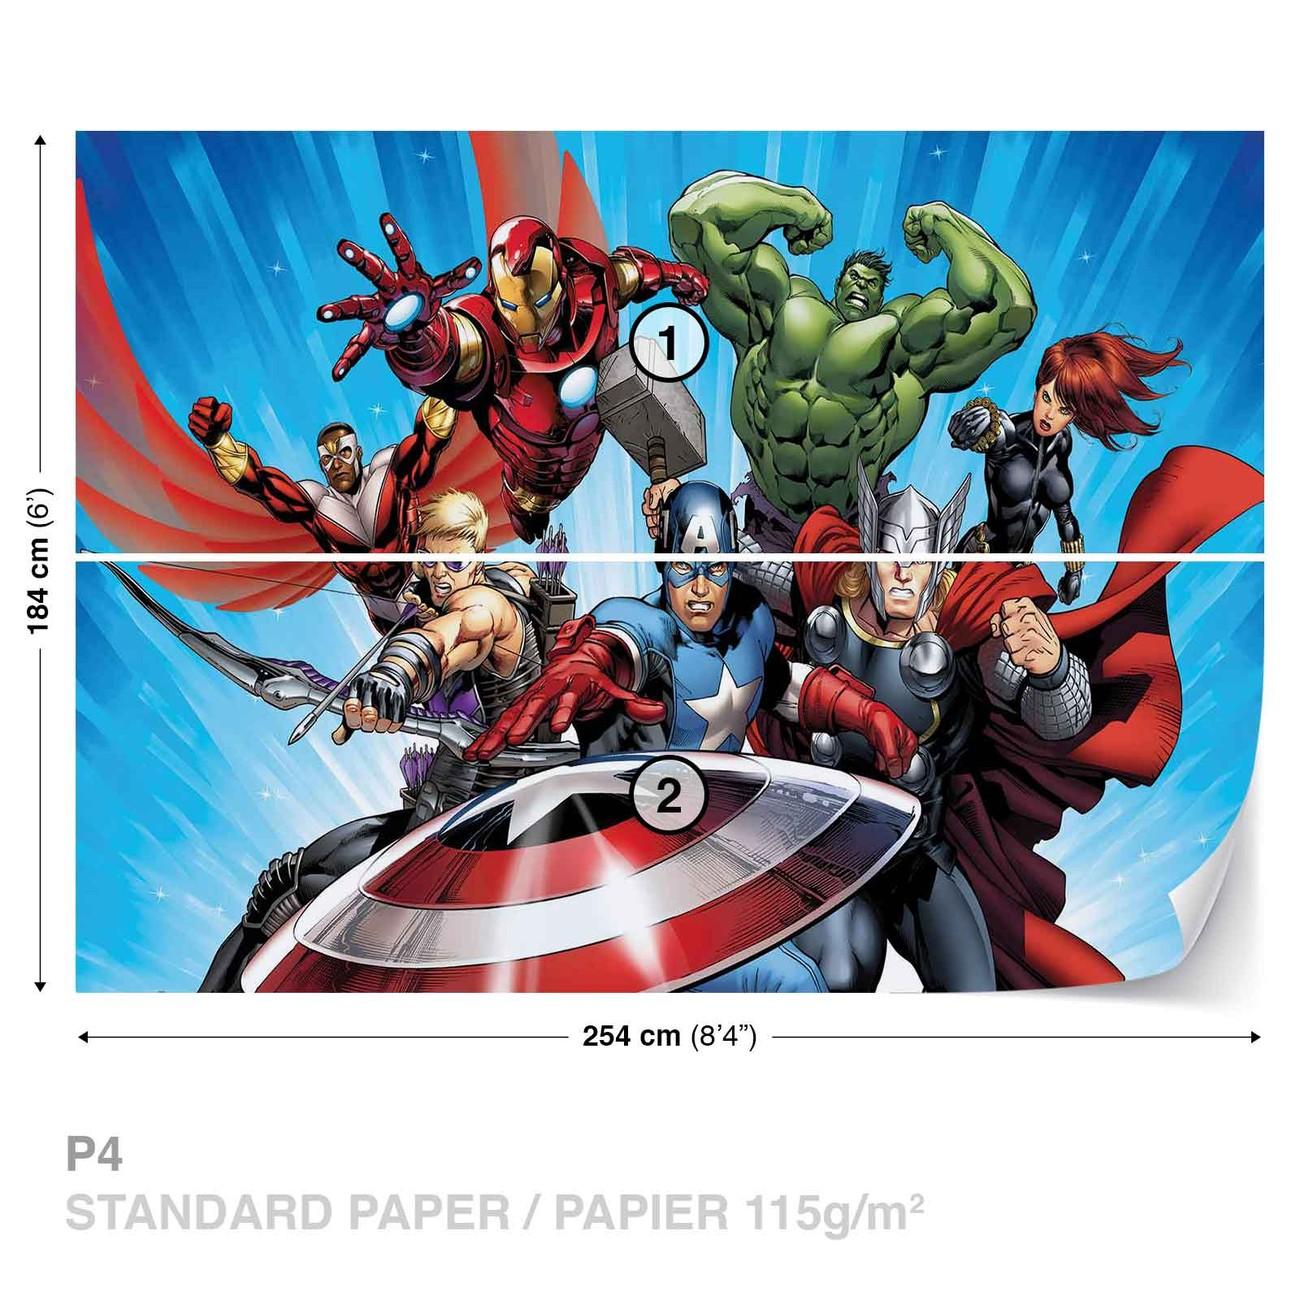 Marvel avengers wall paper mural buy at for Avengers mural poster